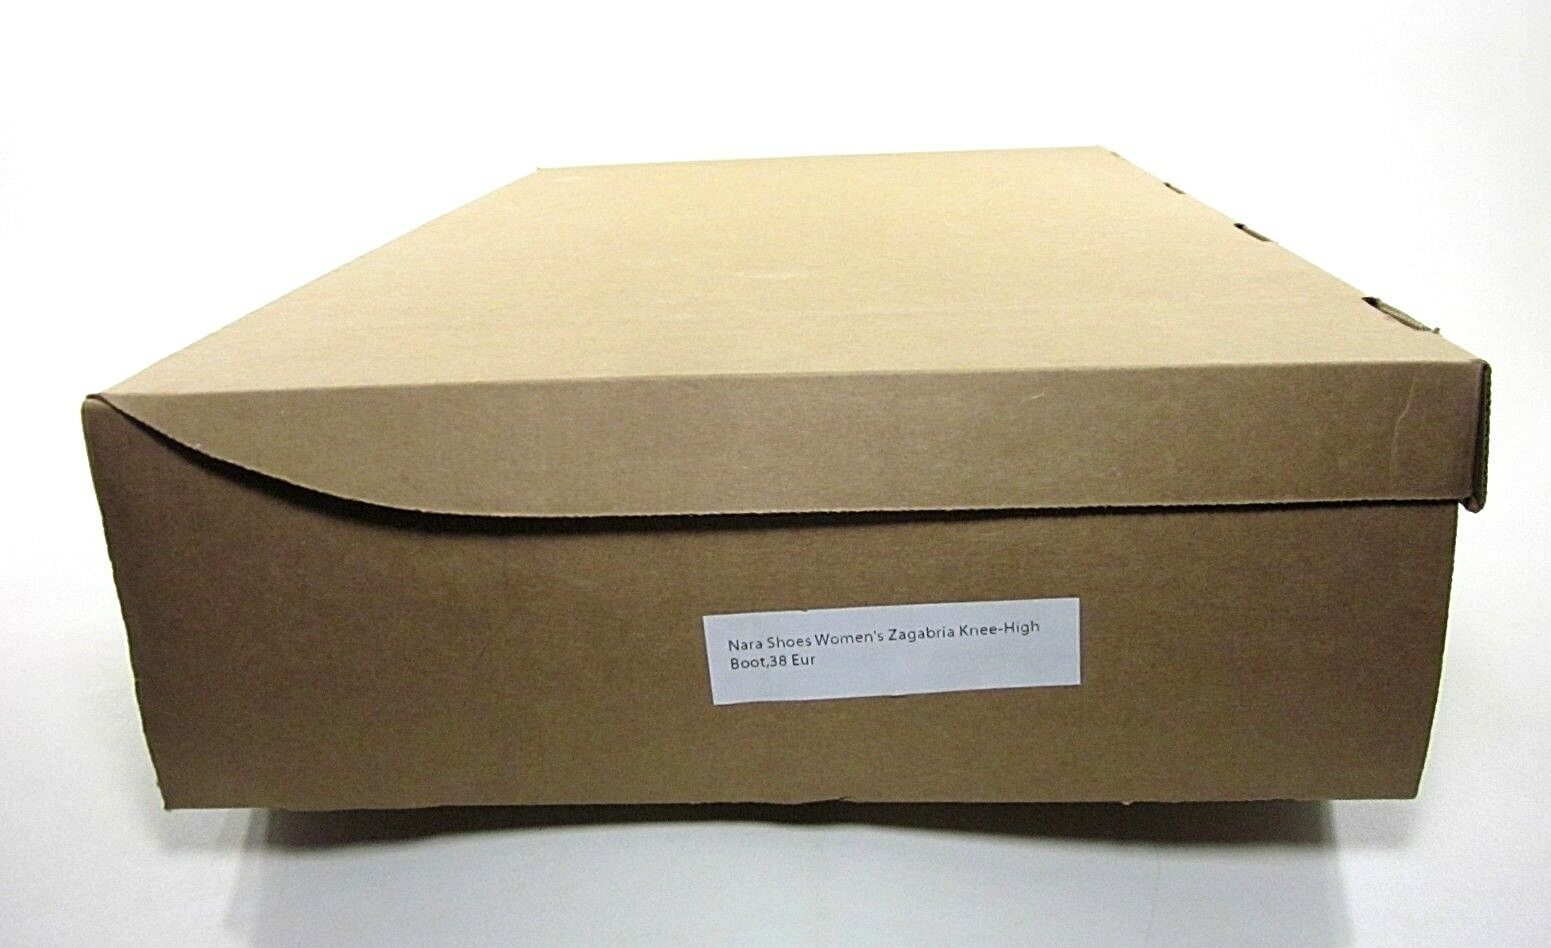 Zapatos de Nara Para Mujer Hasta la Caja Rodilla Alto Bota, Zagabria Caja la de Color caqui, EE. UU. 8 M, Nuevo Exhibido 8d0bcf